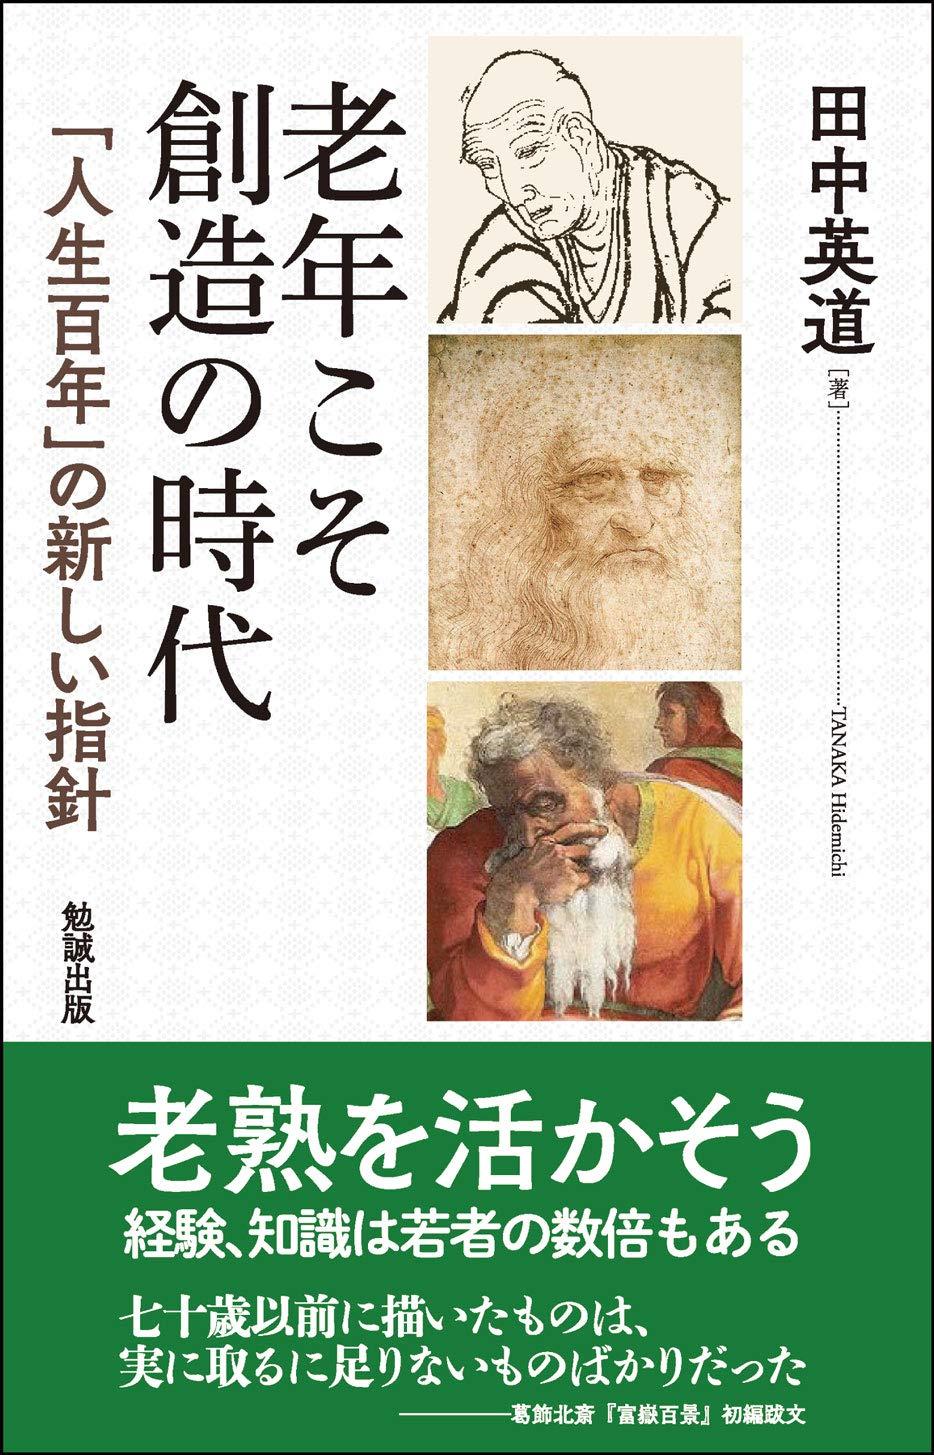 老年こそ創造の時代「人生百年」の新しい指針